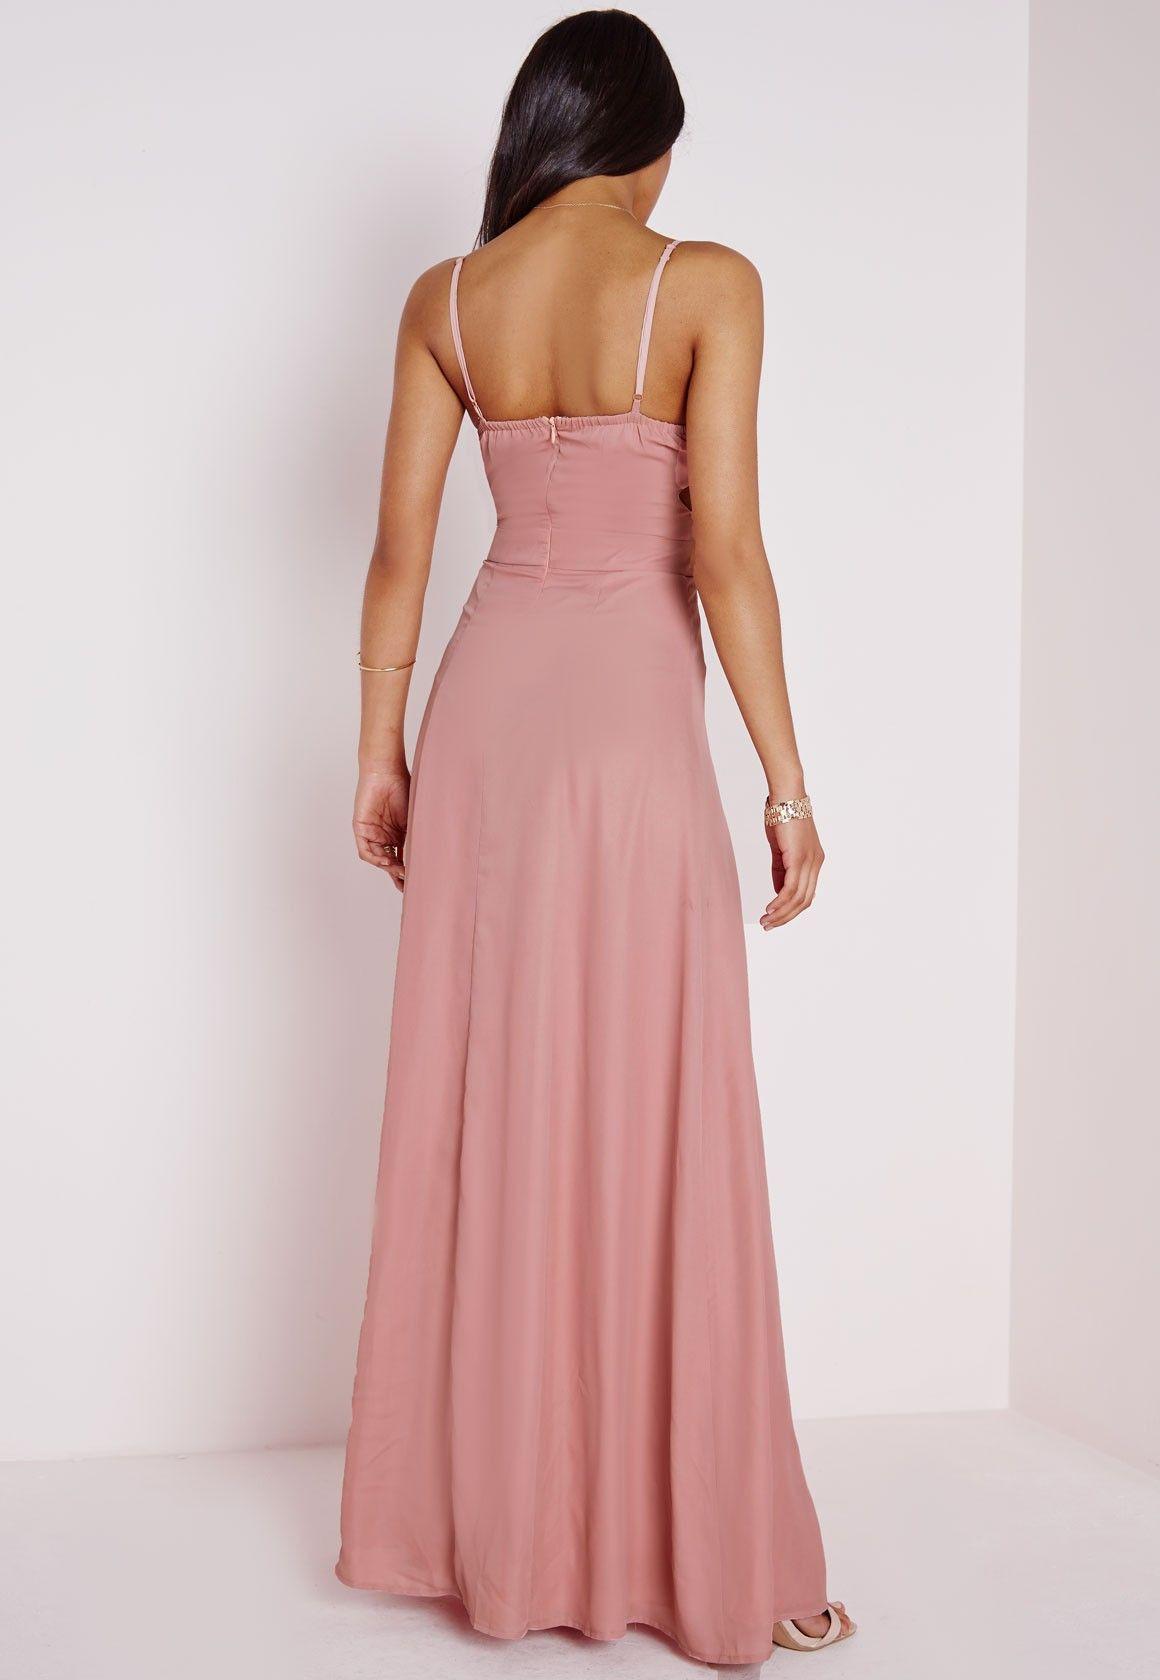 Crepe Bralet Maxi Dress Dusky Pink   Pinterest